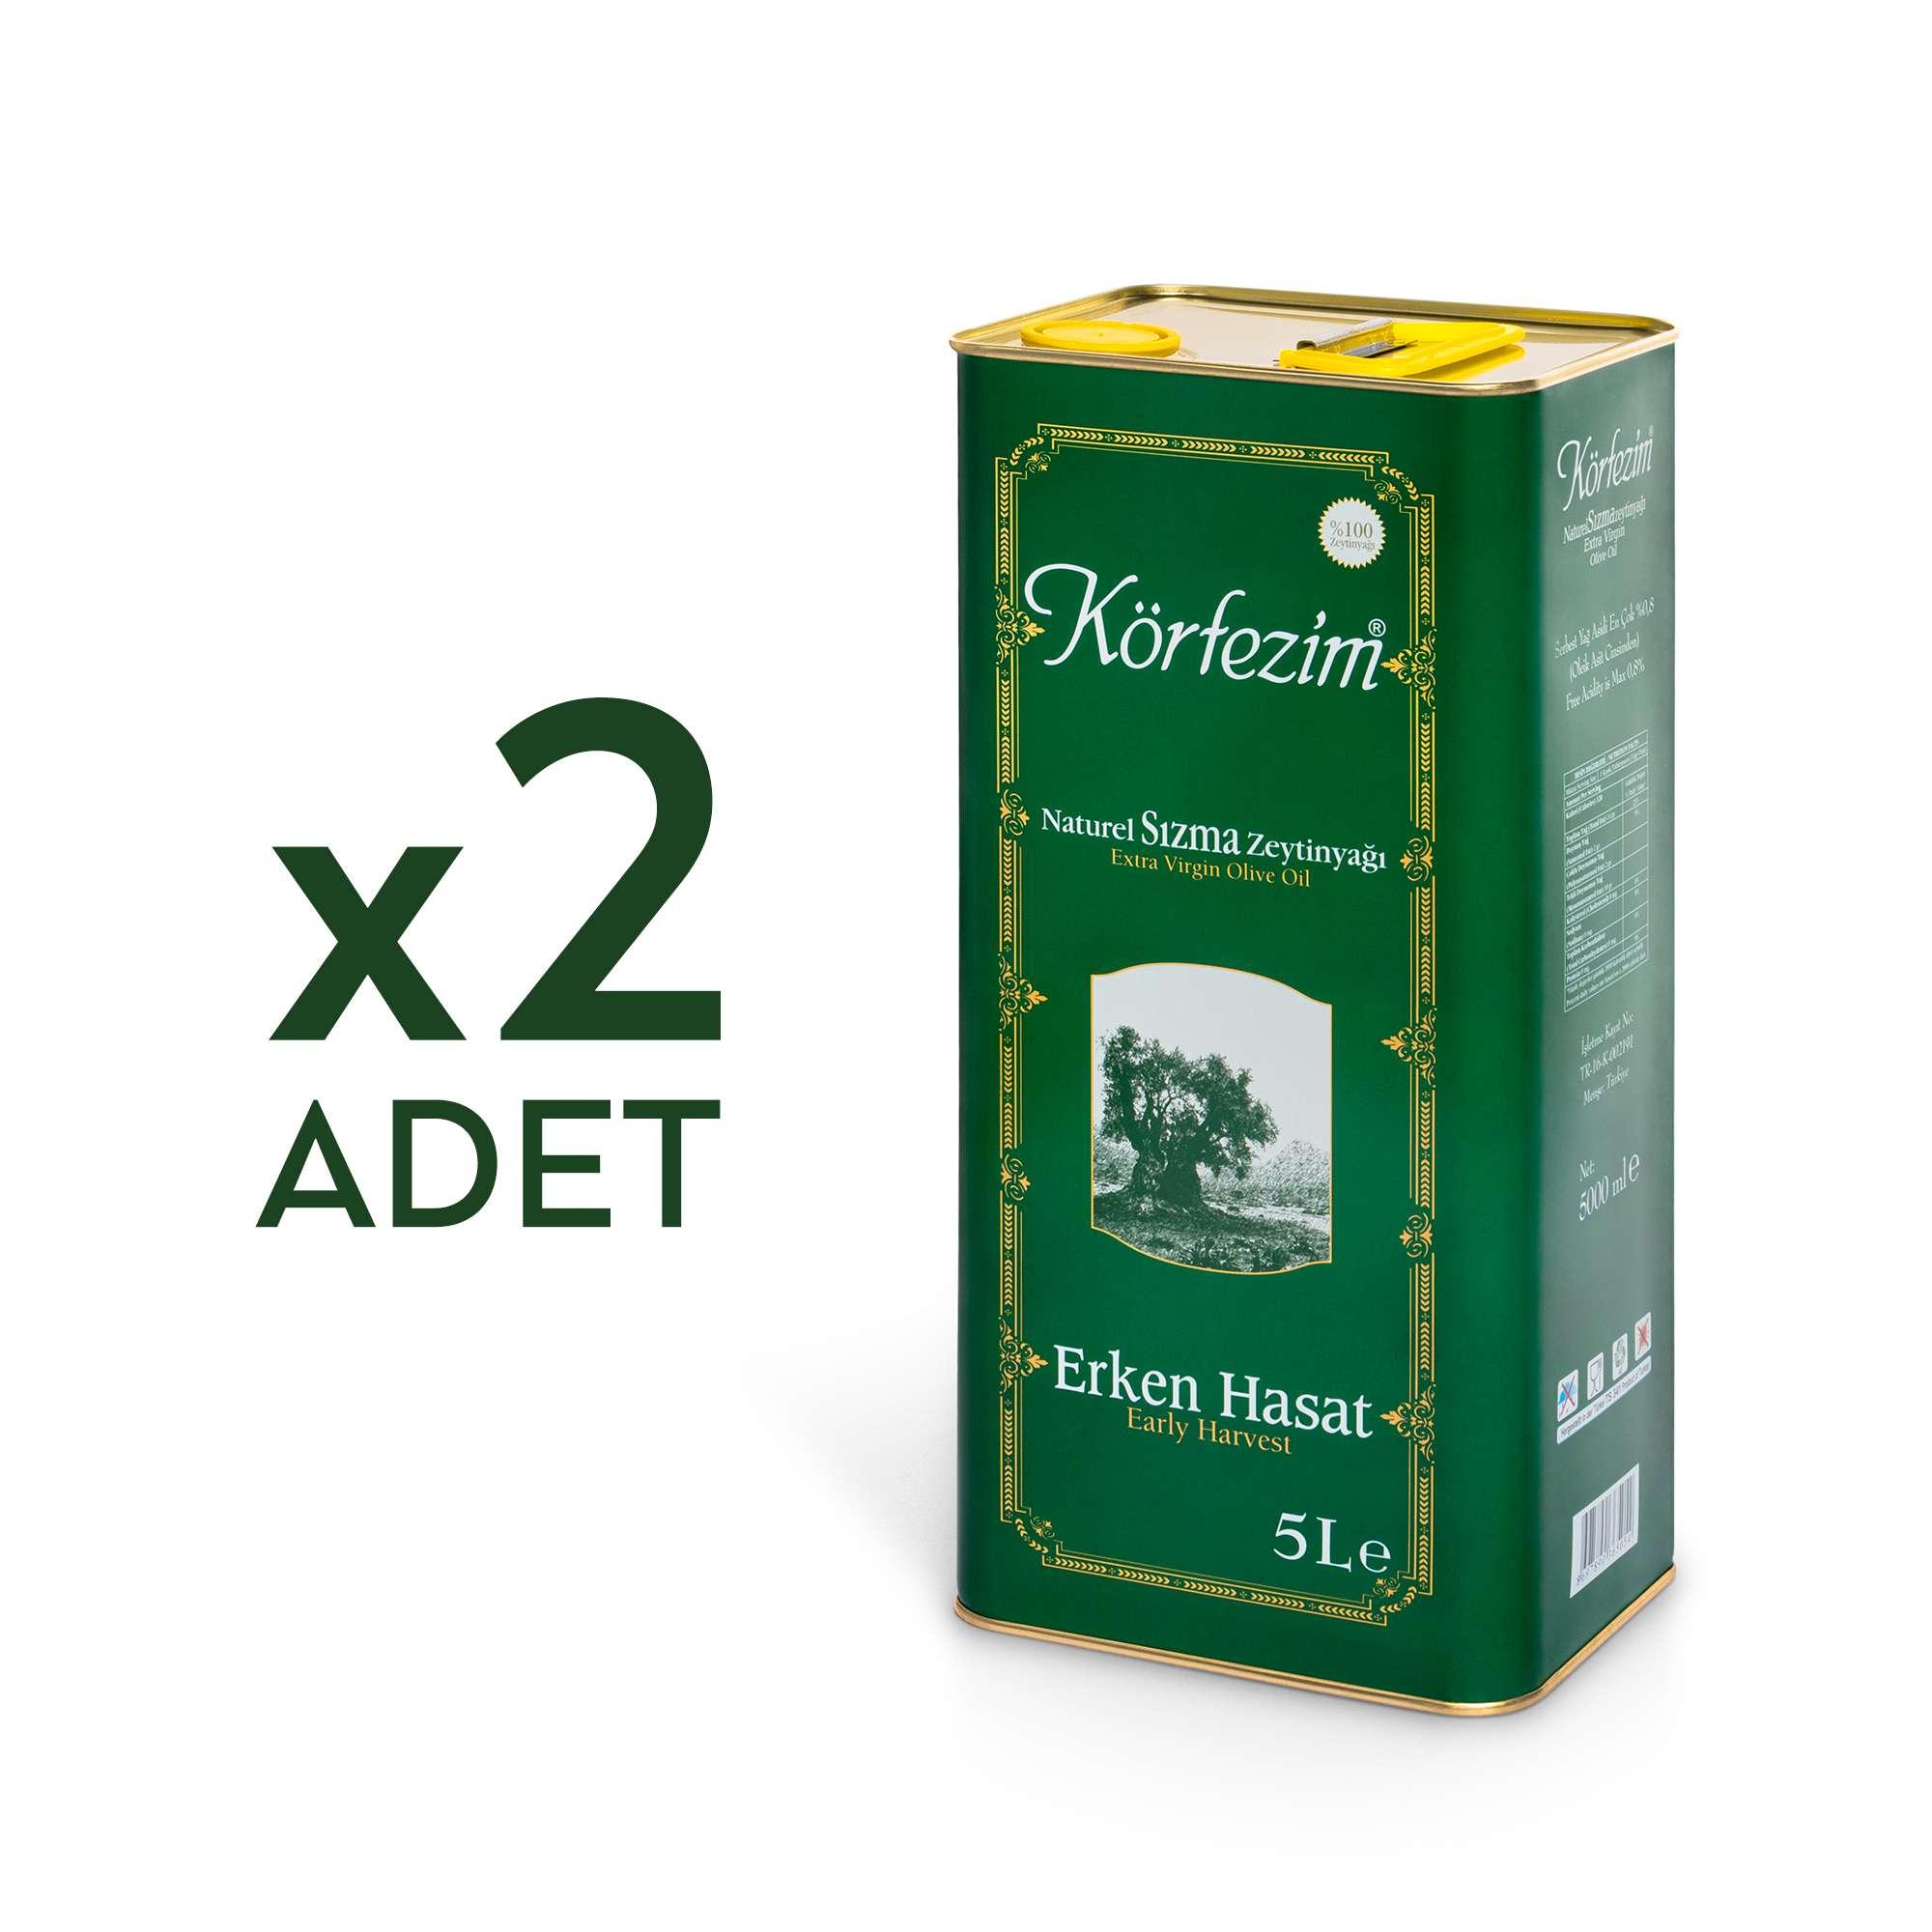 Körfezim Erken Hasat Soğuk Sıkım Zeytinyağı - 2 Adet 5 Litre Kampanya